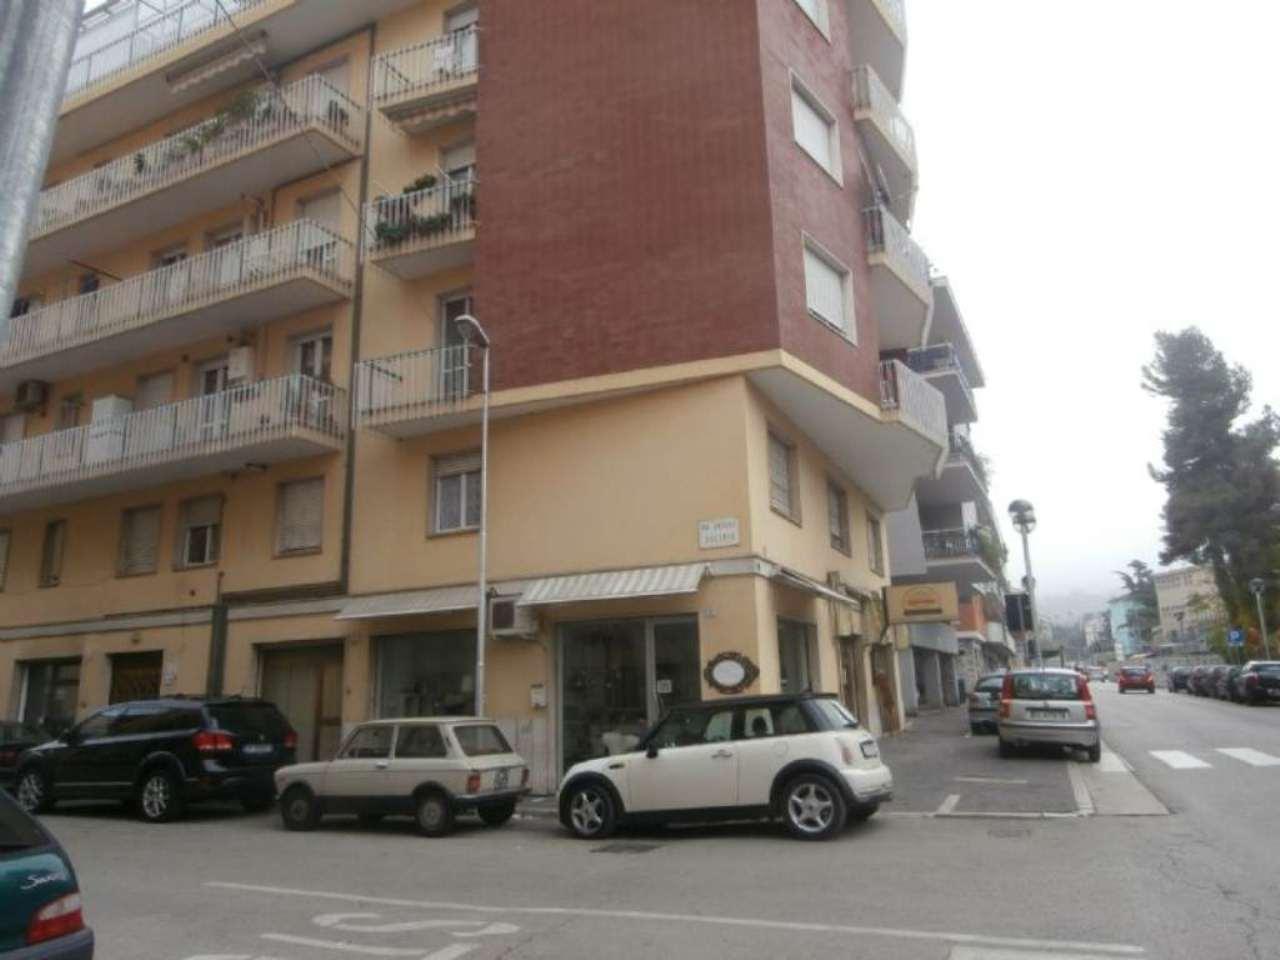 Ufficio / Studio in vendita a Chieti, 5 locali, prezzo € 120.000 | Cambio Casa.it